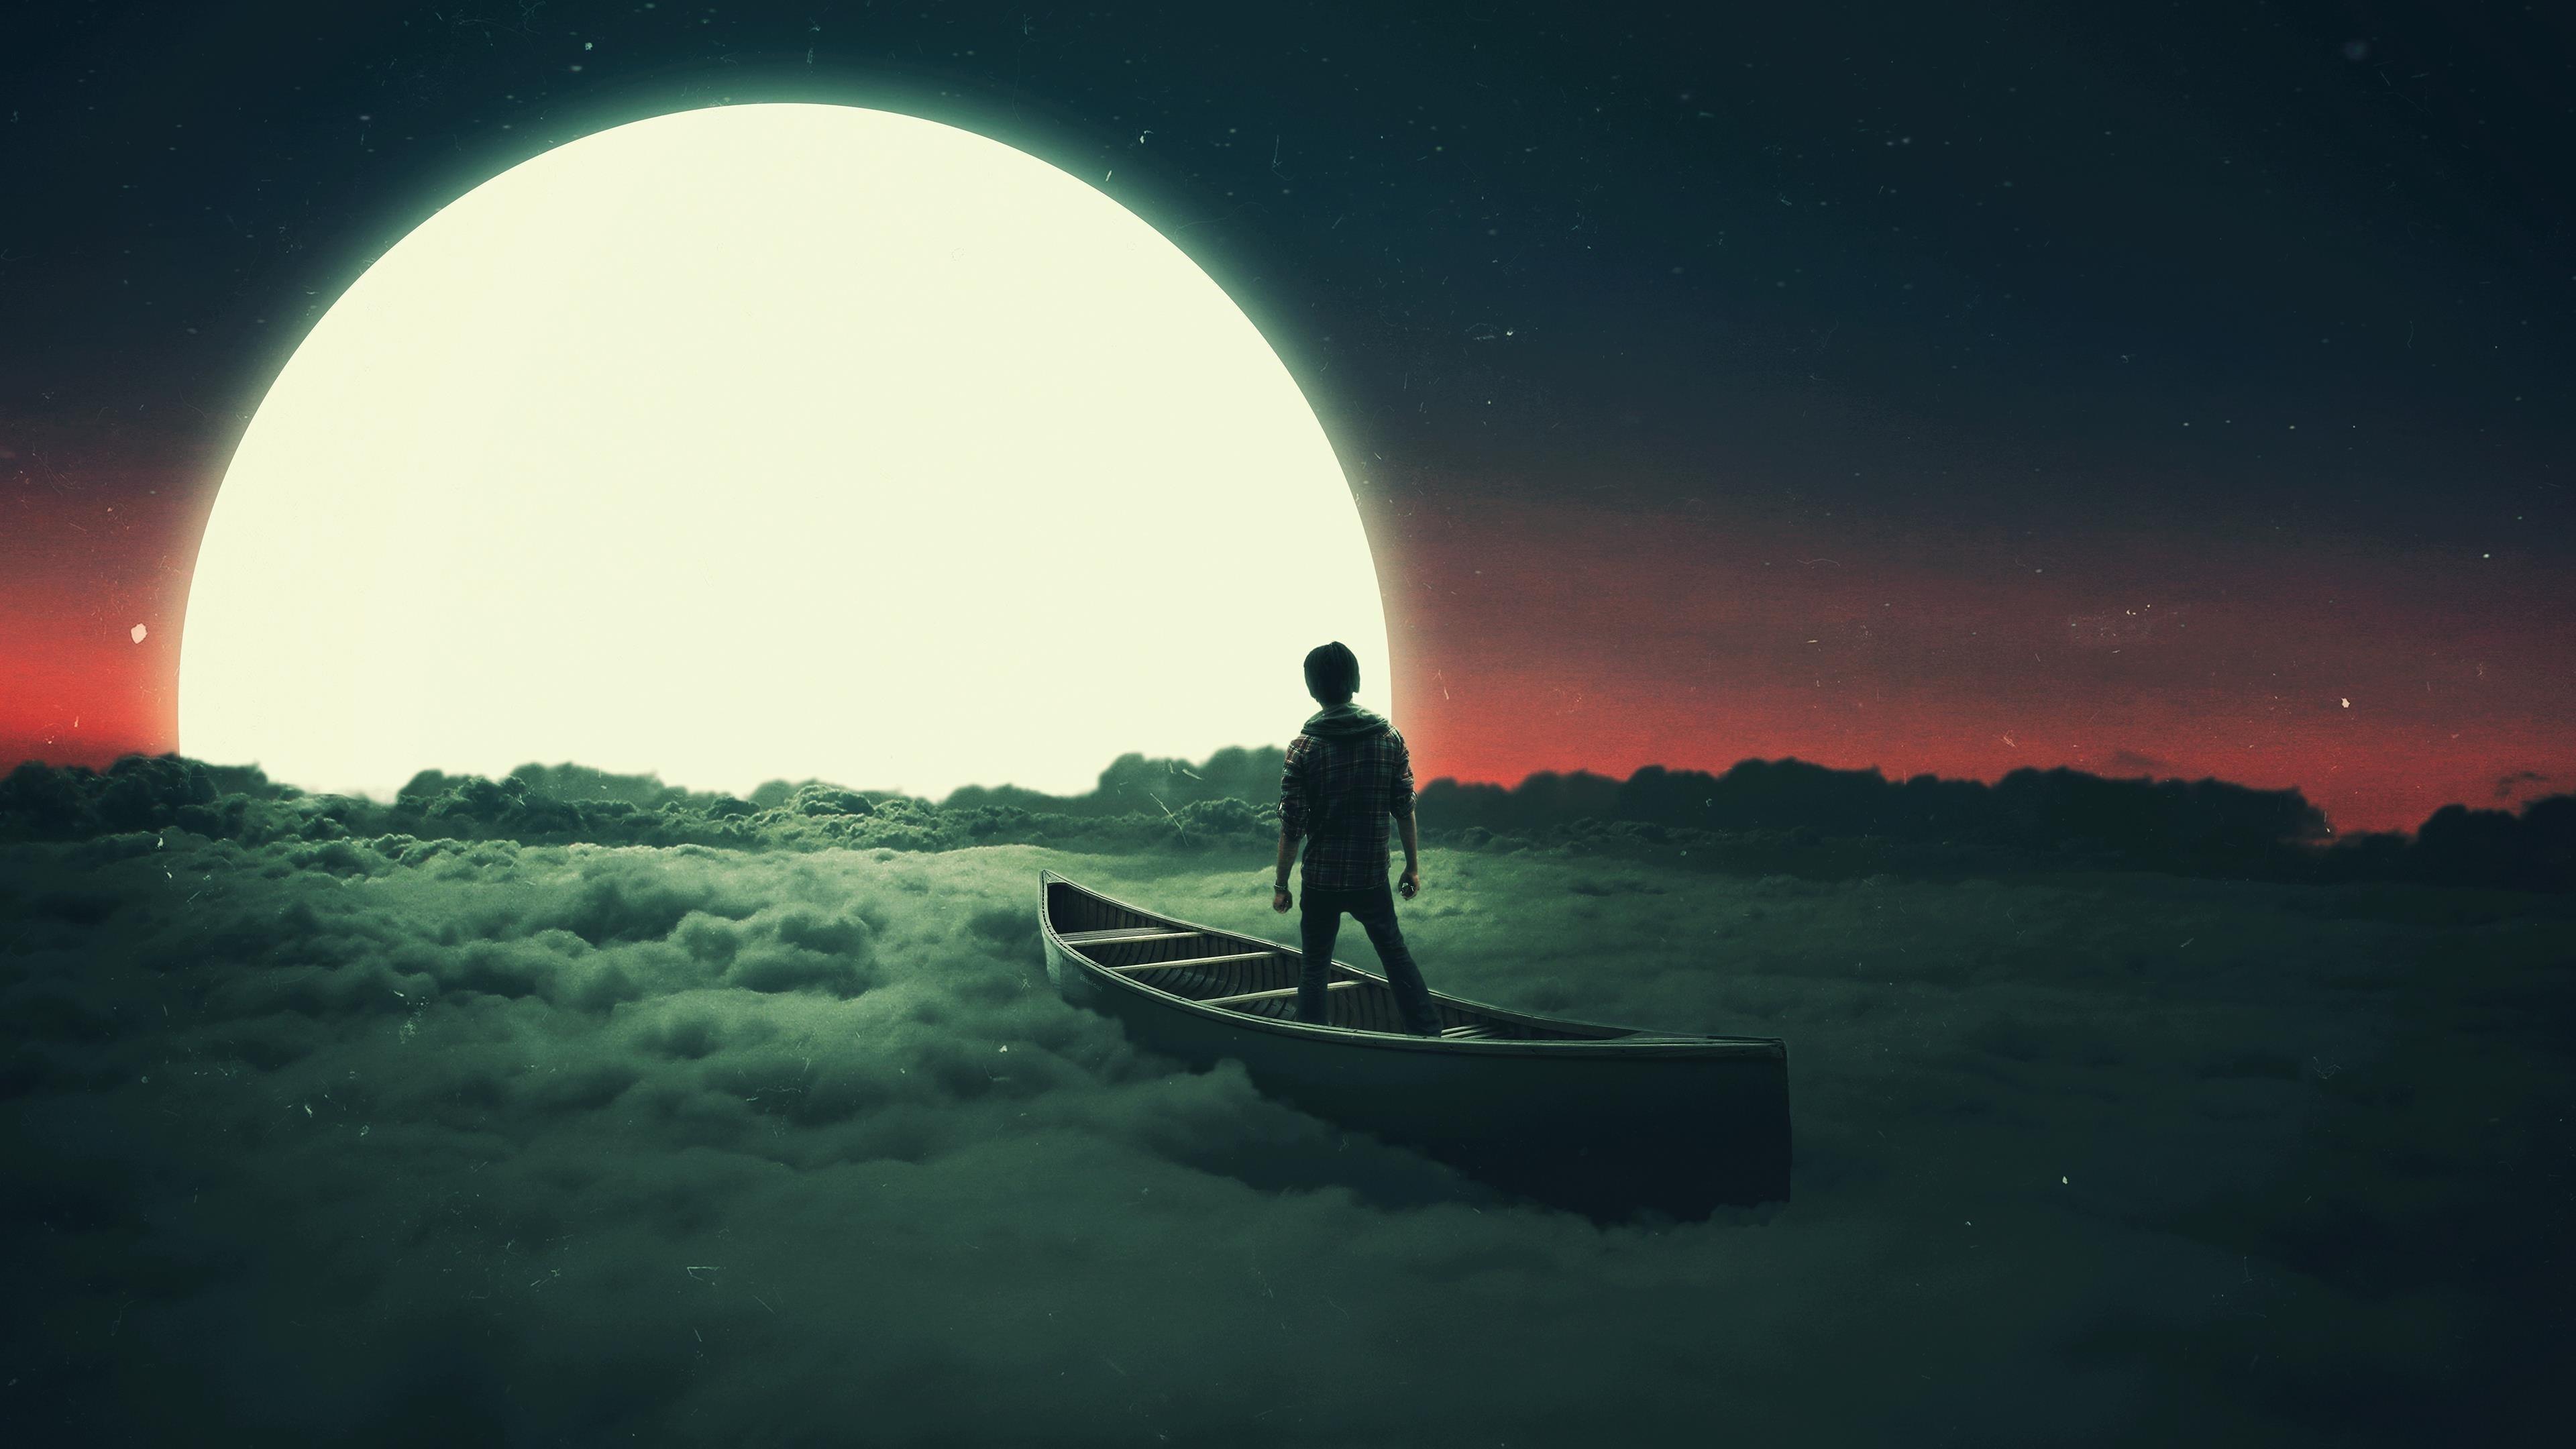 Лунный сон в летающей лодке обои скачать